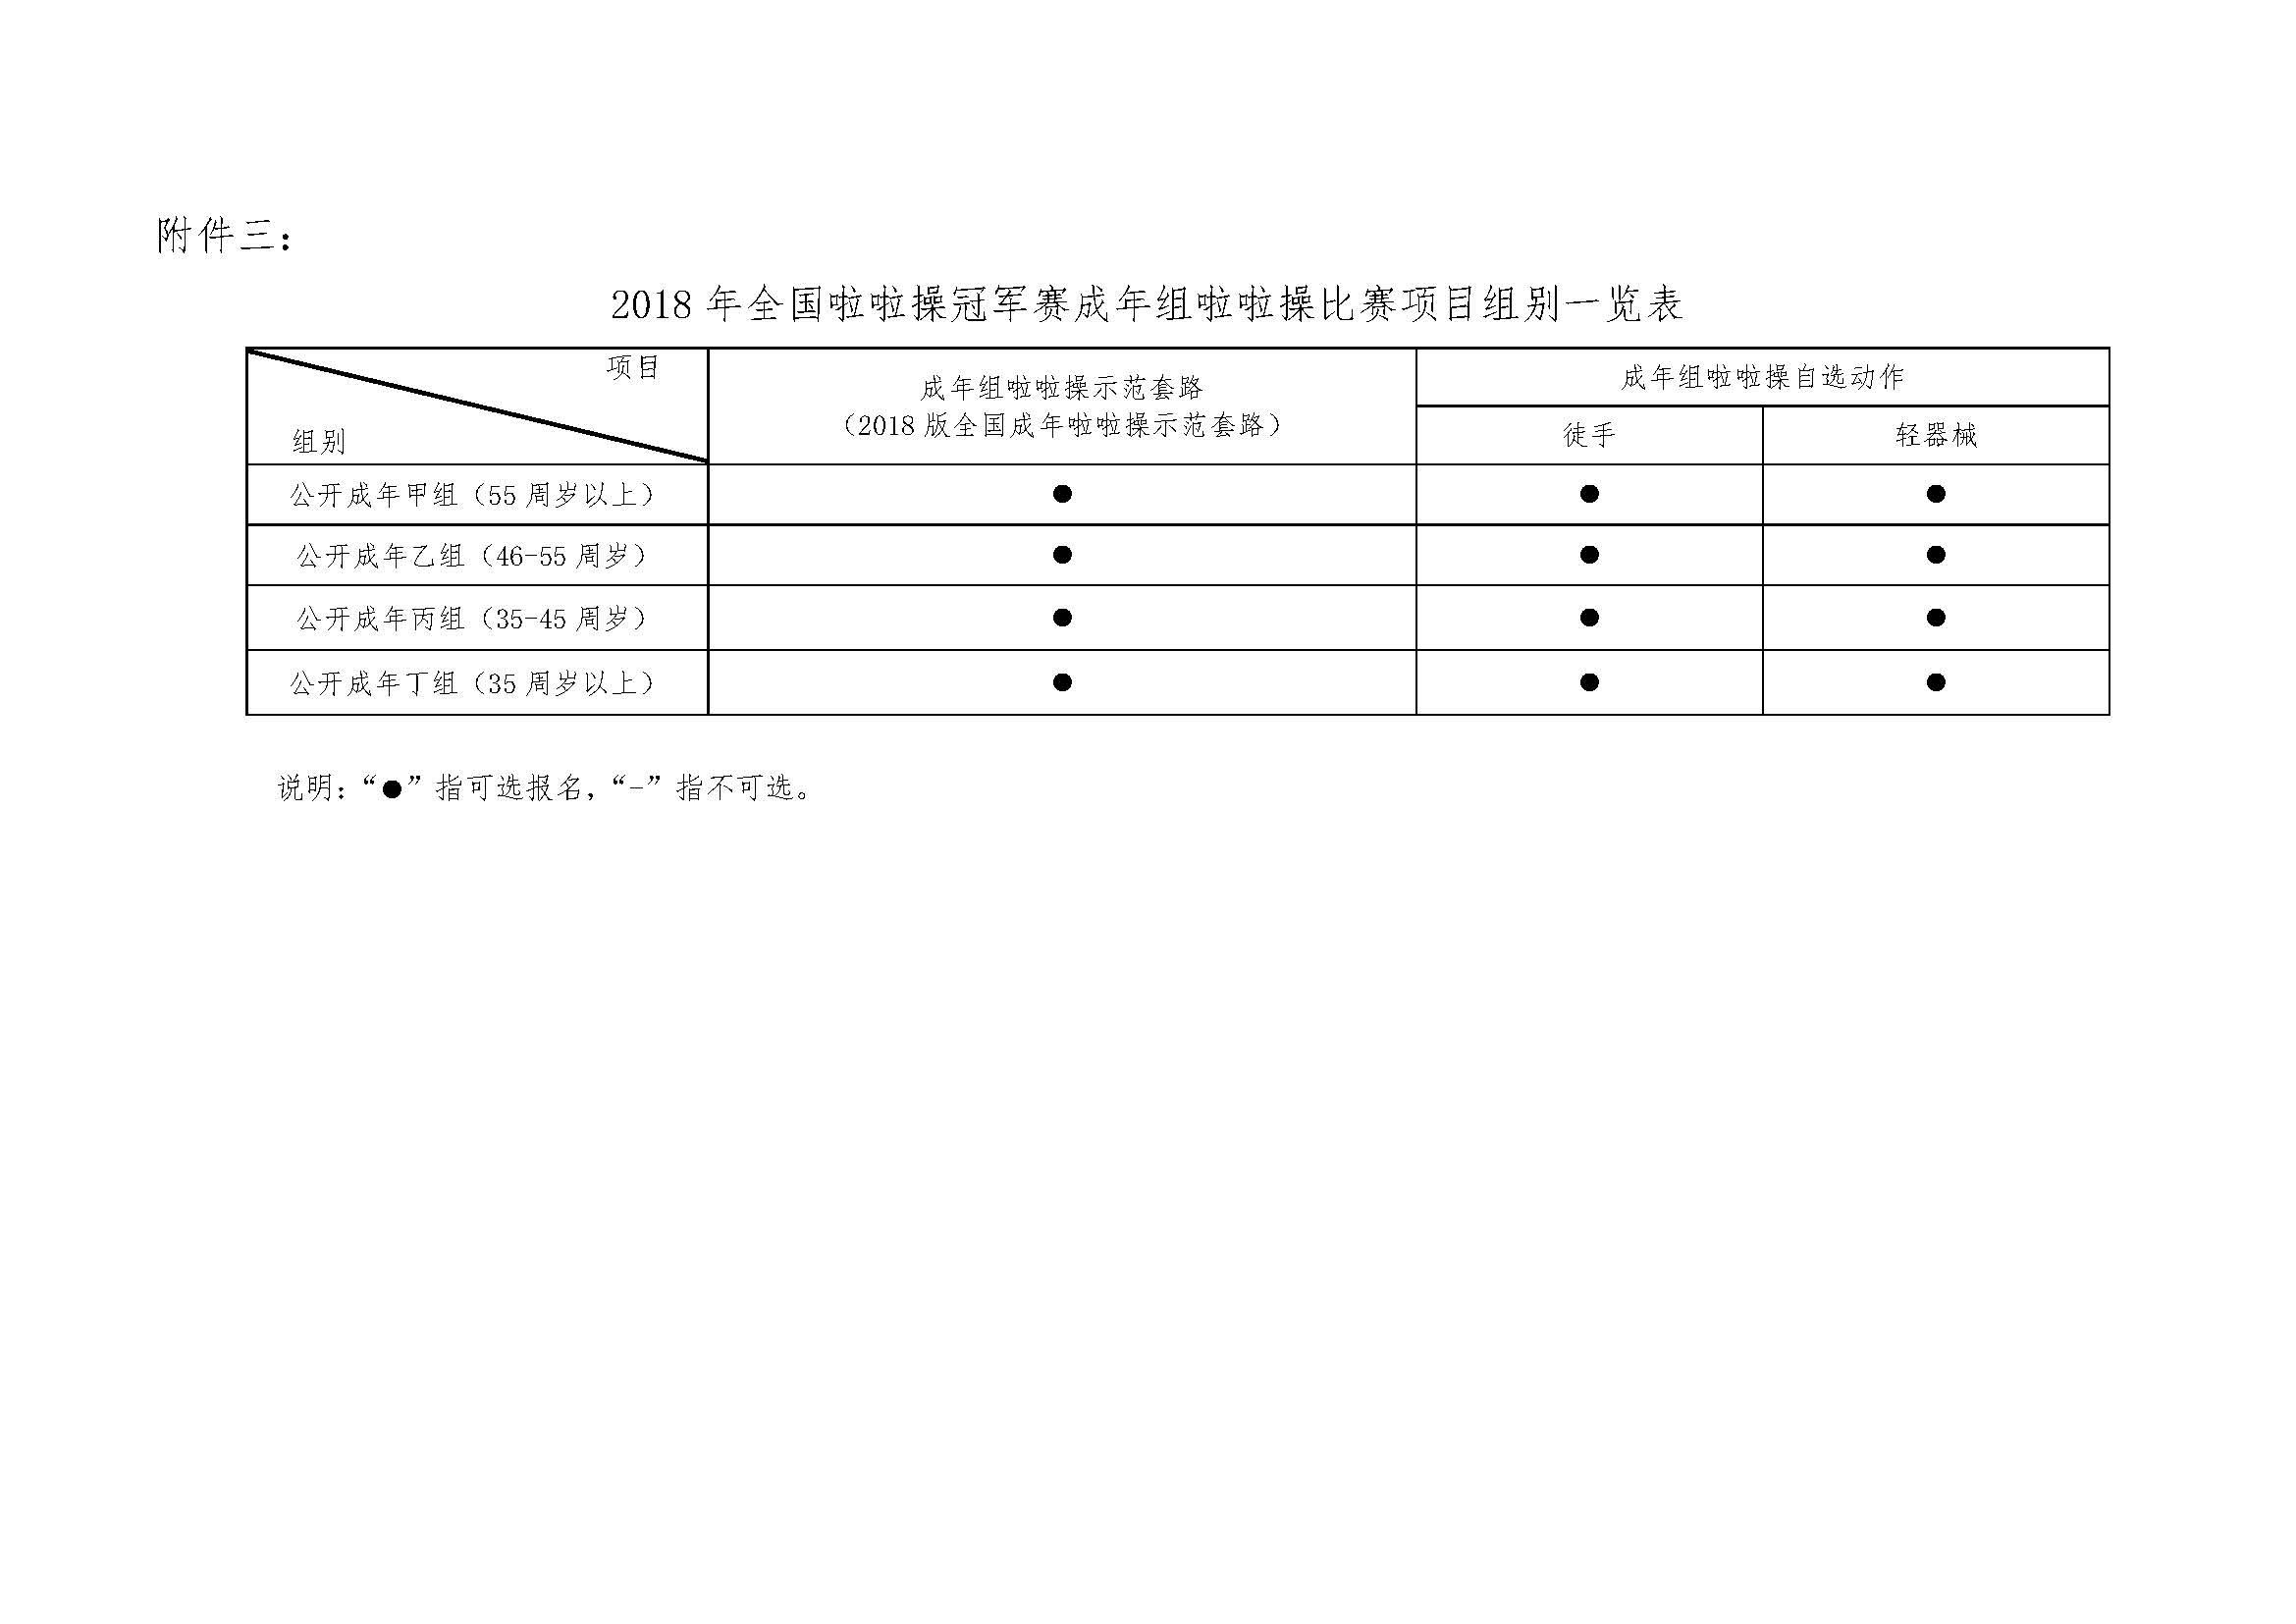 049号-2018年全国啦啦操冠军赛(幼儿组、儿童组和成年组)通知插图(24)